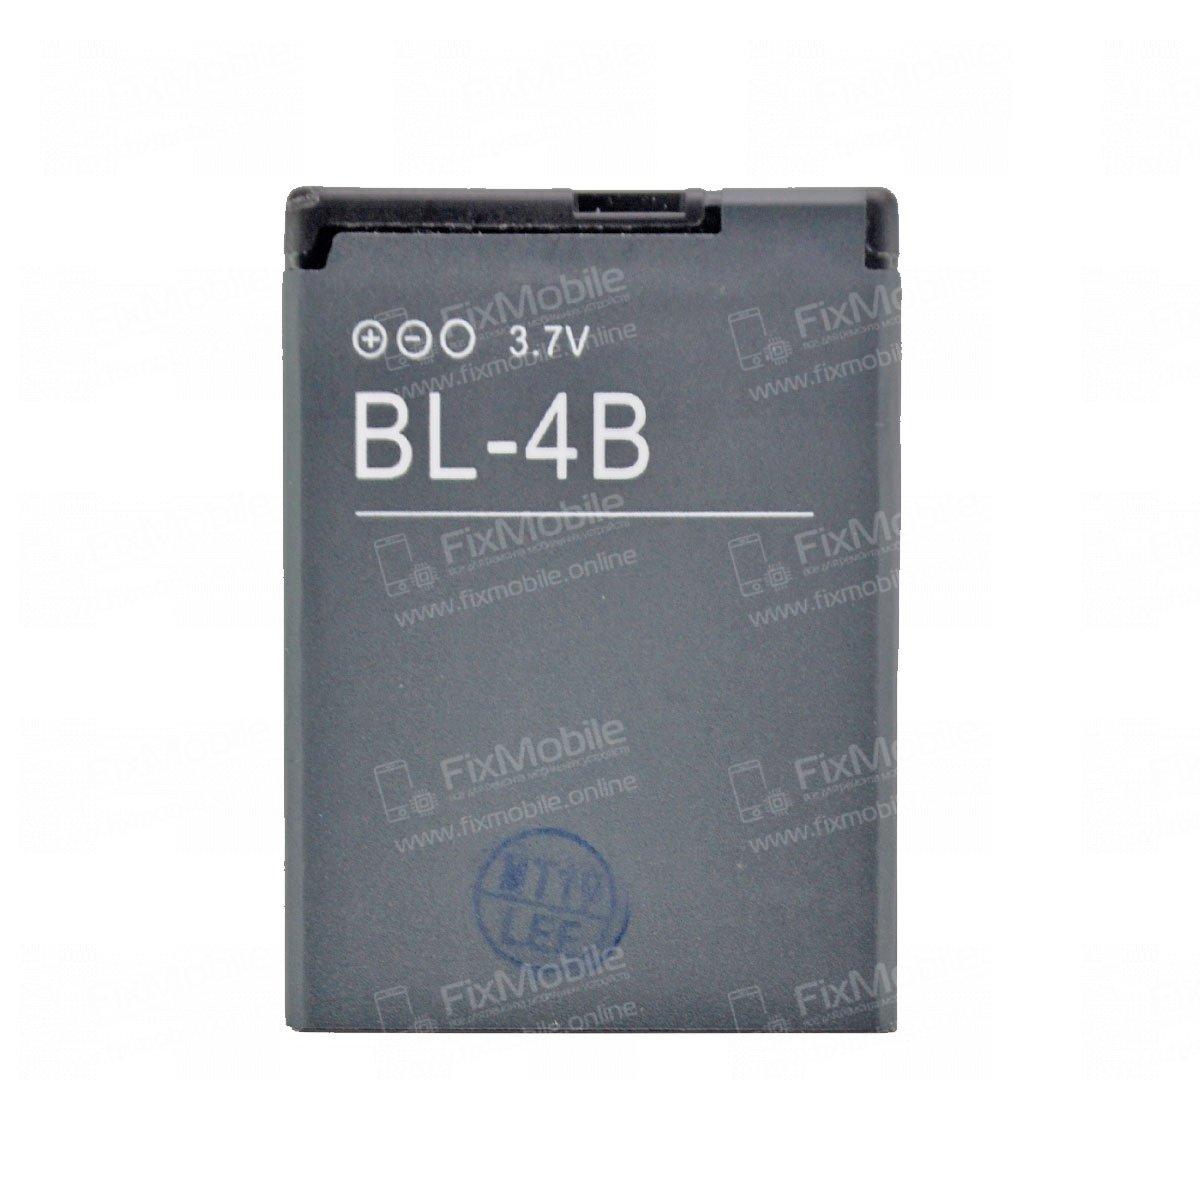 Аккумуляторная батарея для Nokia N76 BL-4B